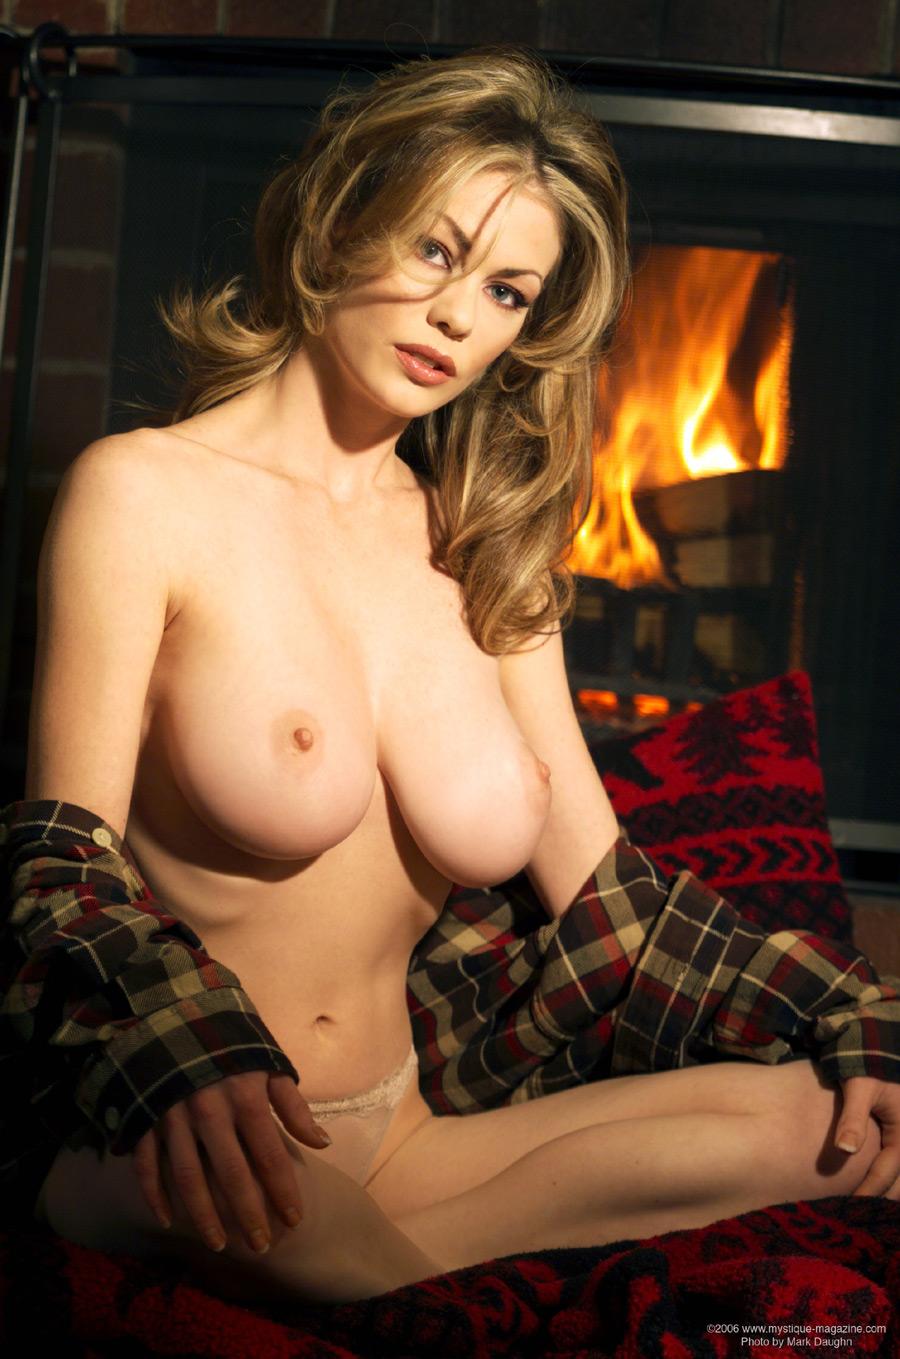 Crystal Beddows Mystique Nude